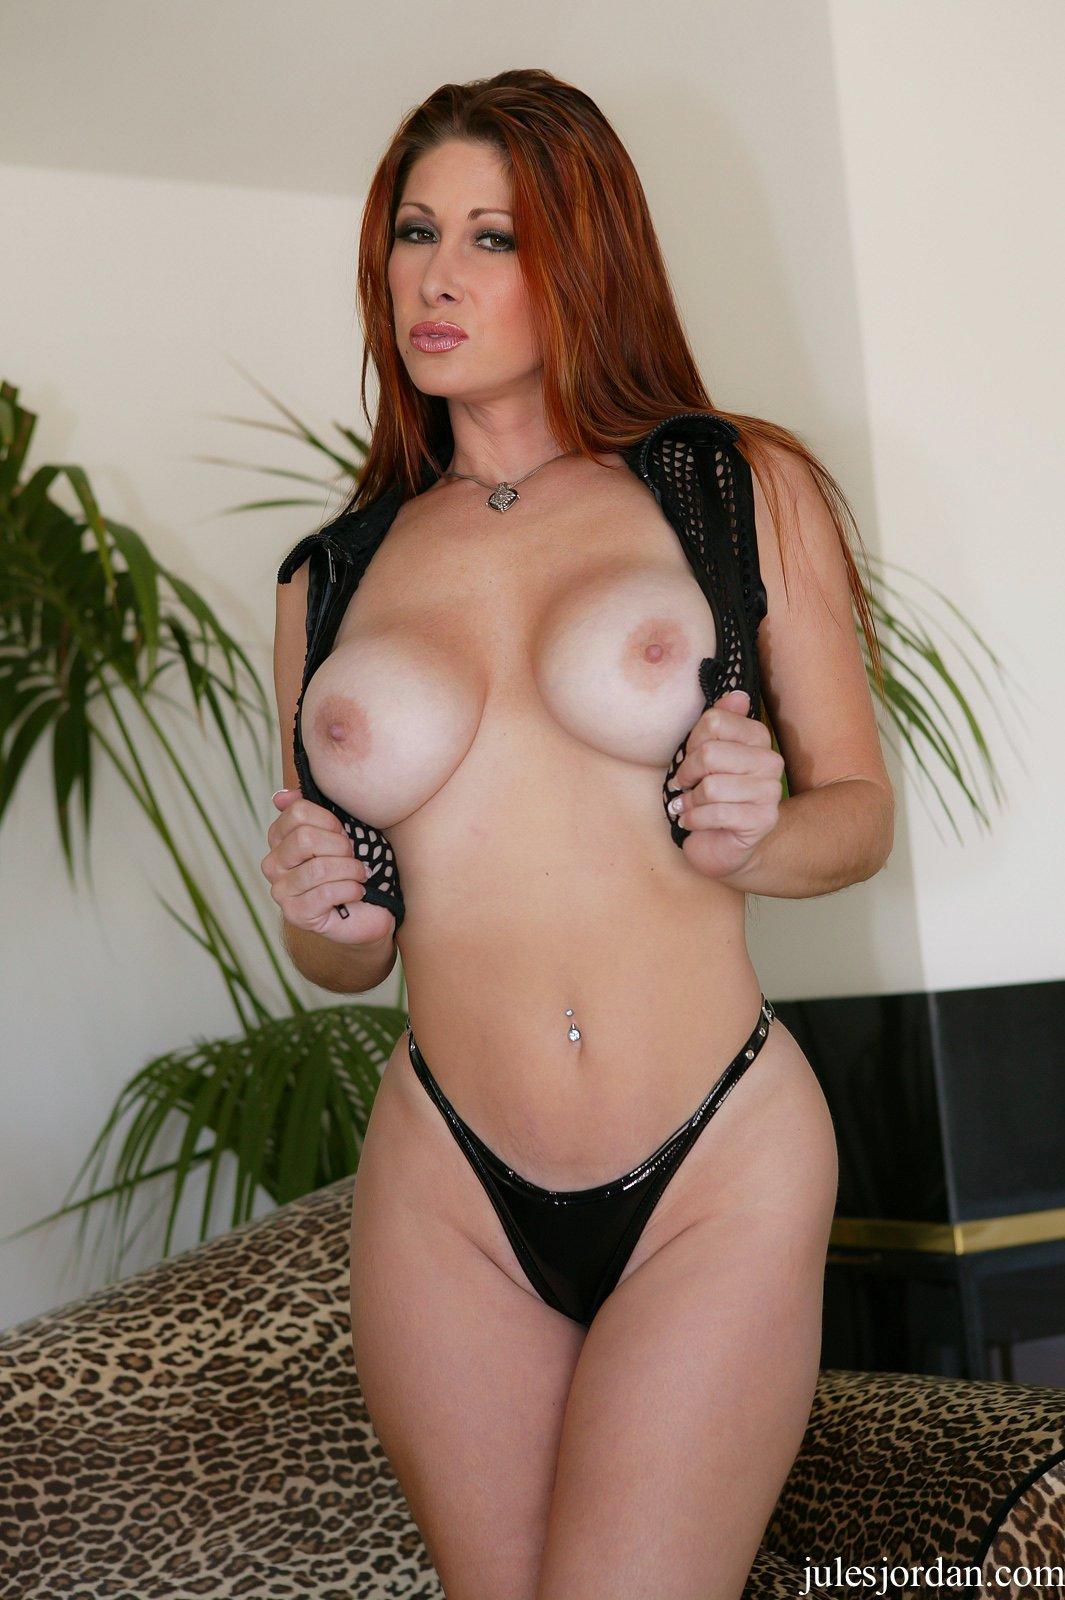 Tiffany mynx naked